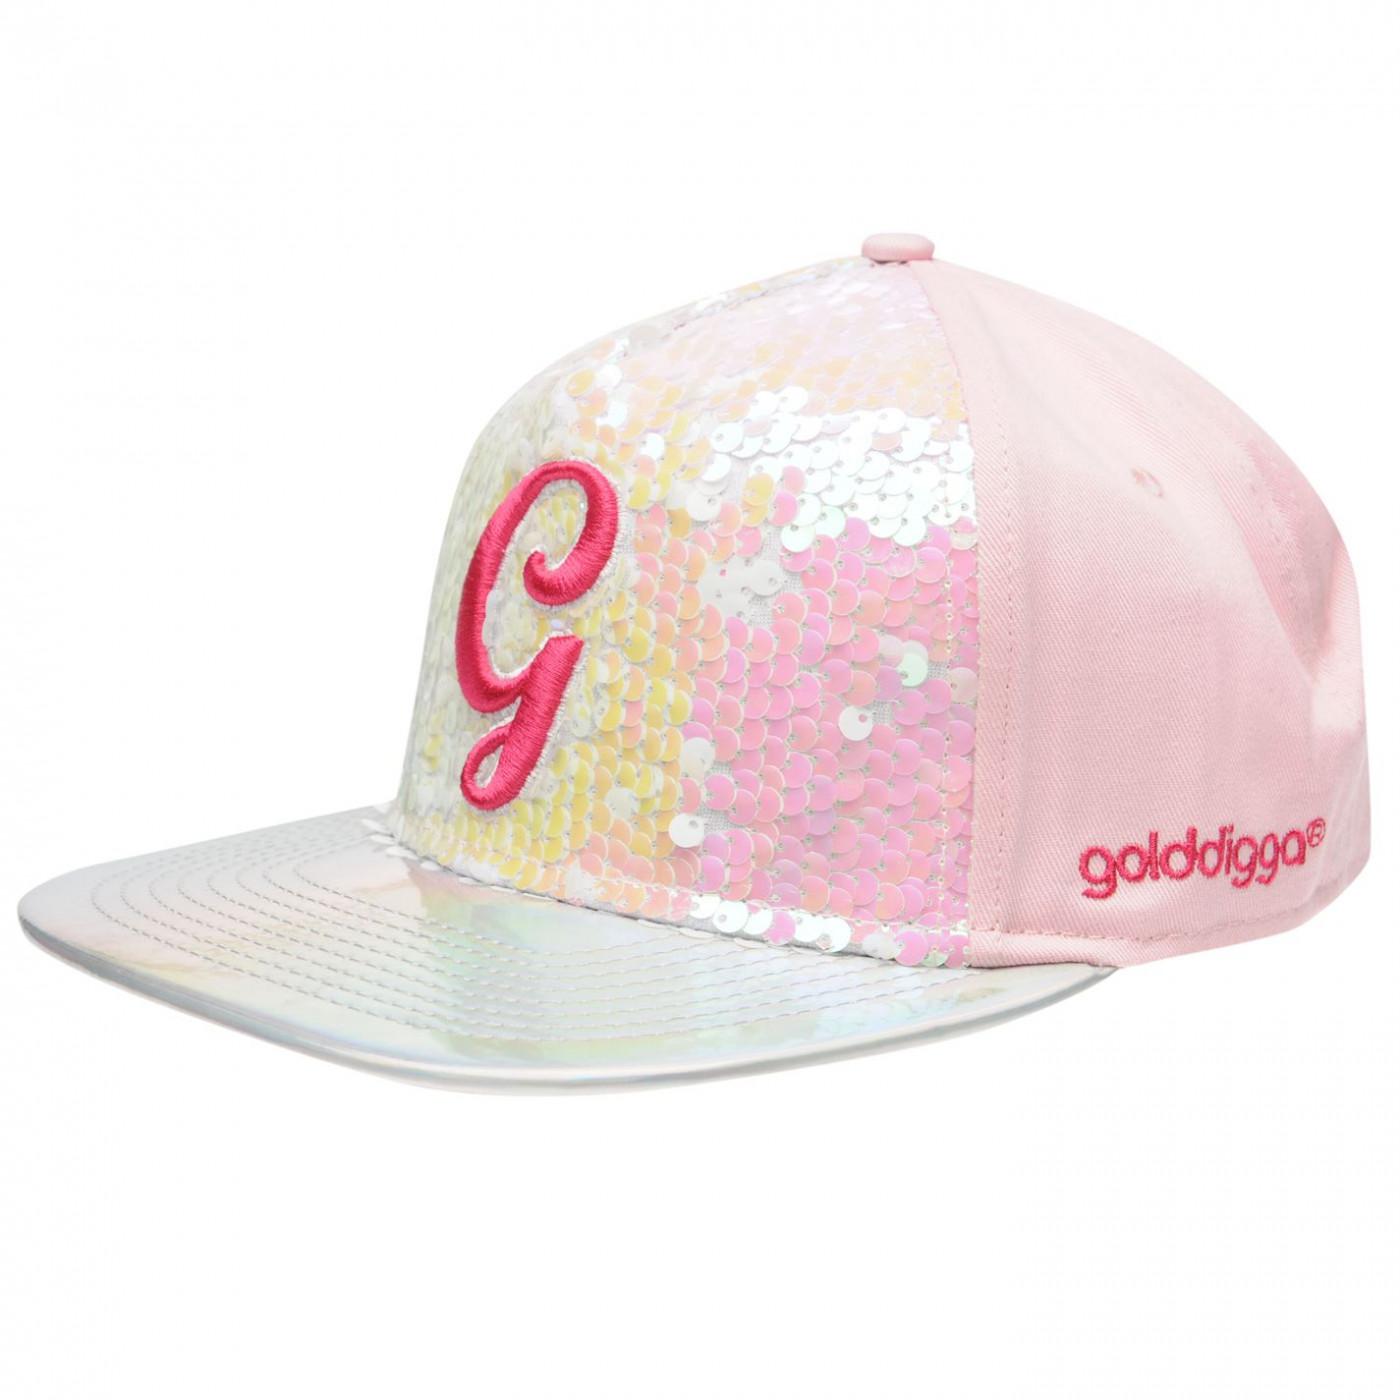 Golddigga Snapback Junior Girls